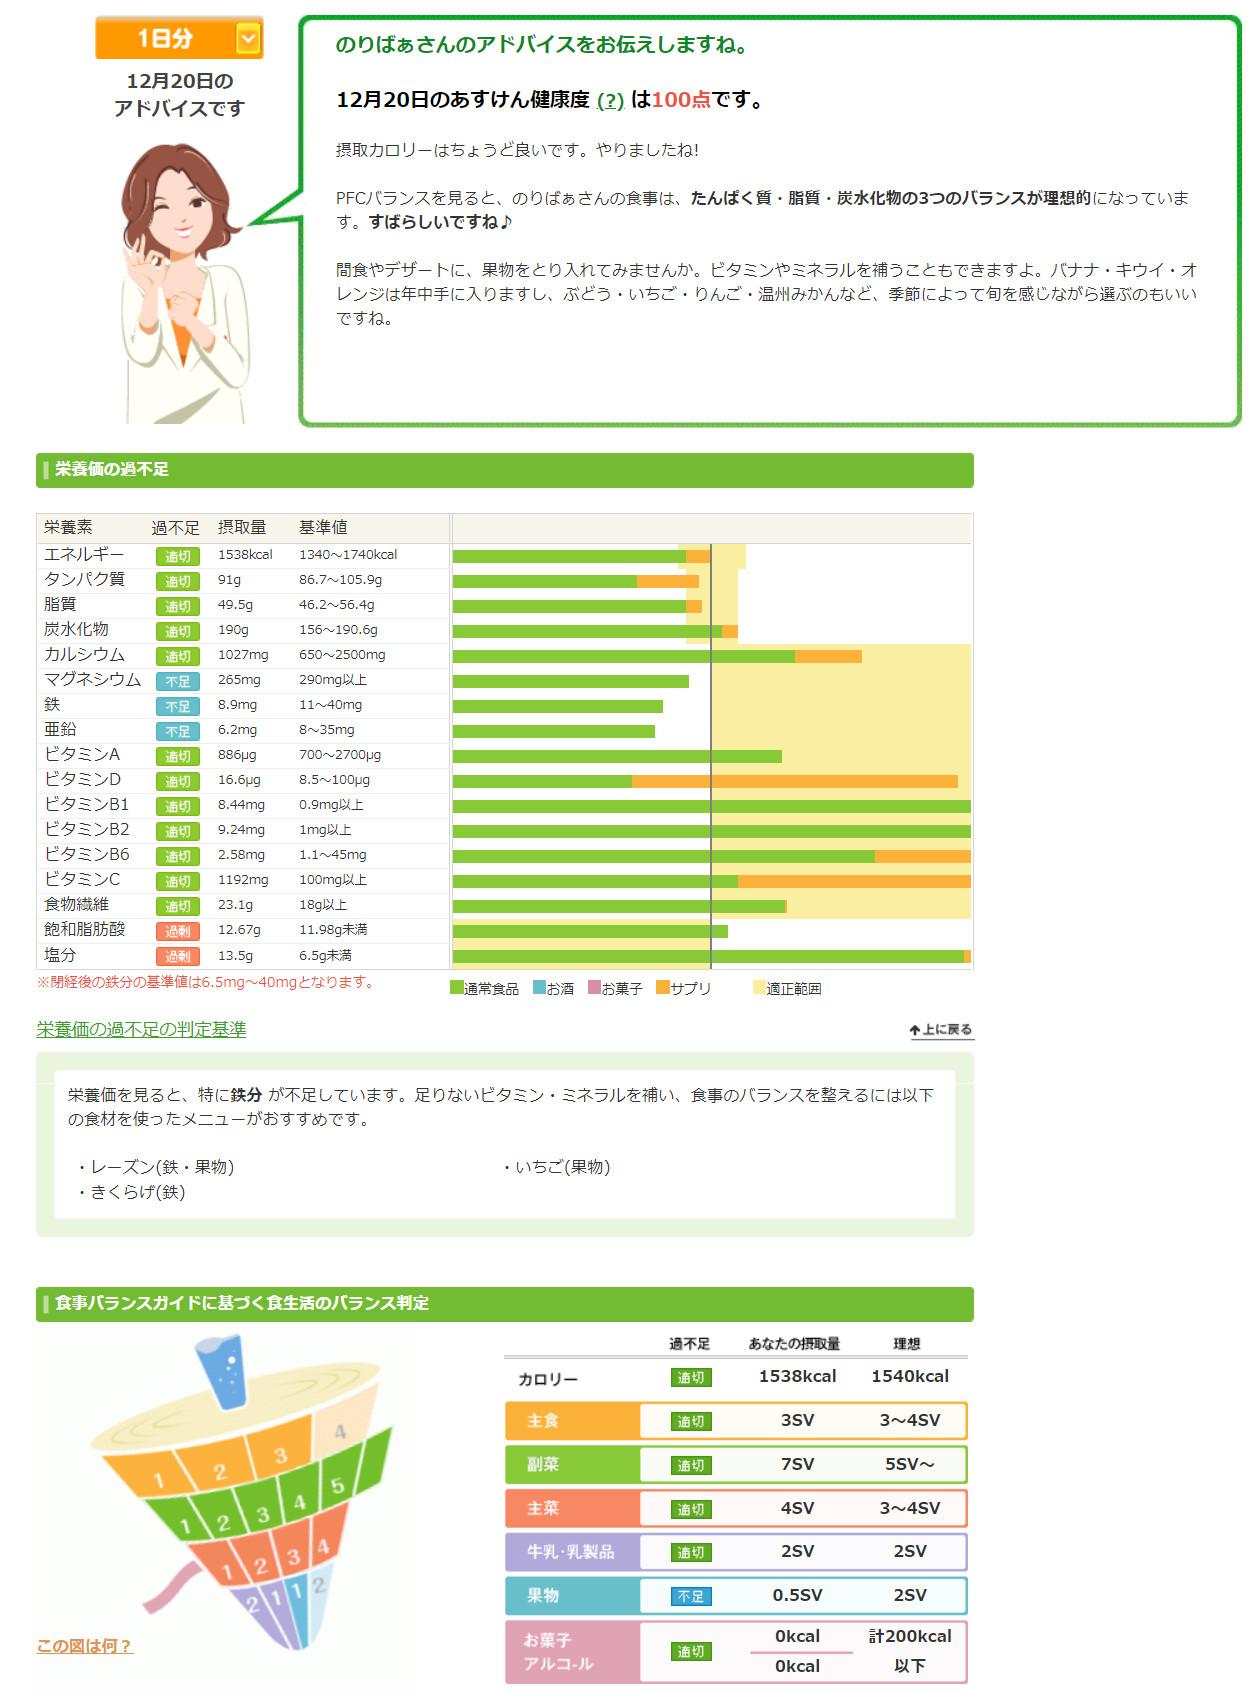 あすけんアドバイス_201220